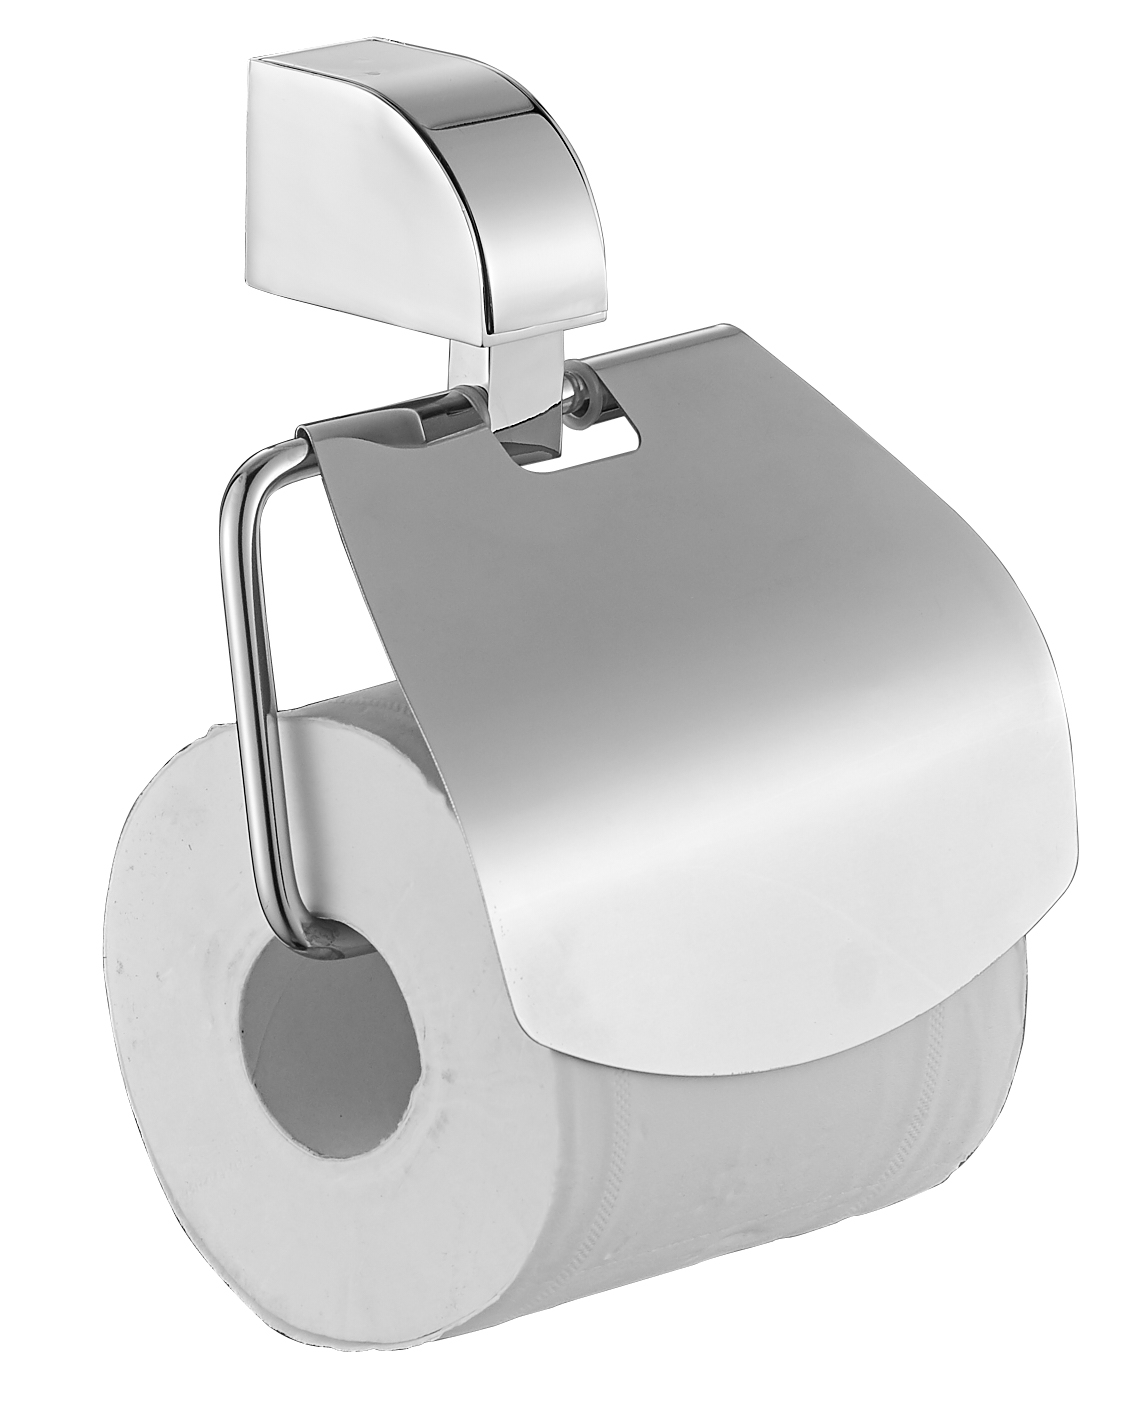 Держатель для туалетной бумаги SWENSA 18100-04, серебристый18100-04Держатель для туалетной бумаги настенный, изготовлен из хромированной стали с использованием новой технологии нанесения хромированого покрытия, что позволяет использовать его в два раза дольше, чем обычные хромированые изделия. Устойчив к появлению корозии, а инновационная система крепления имеет европейский патент. Крепление входит в комплект. Отлично подходит для использования во влажных помещениях, ванной комнате, туалете.